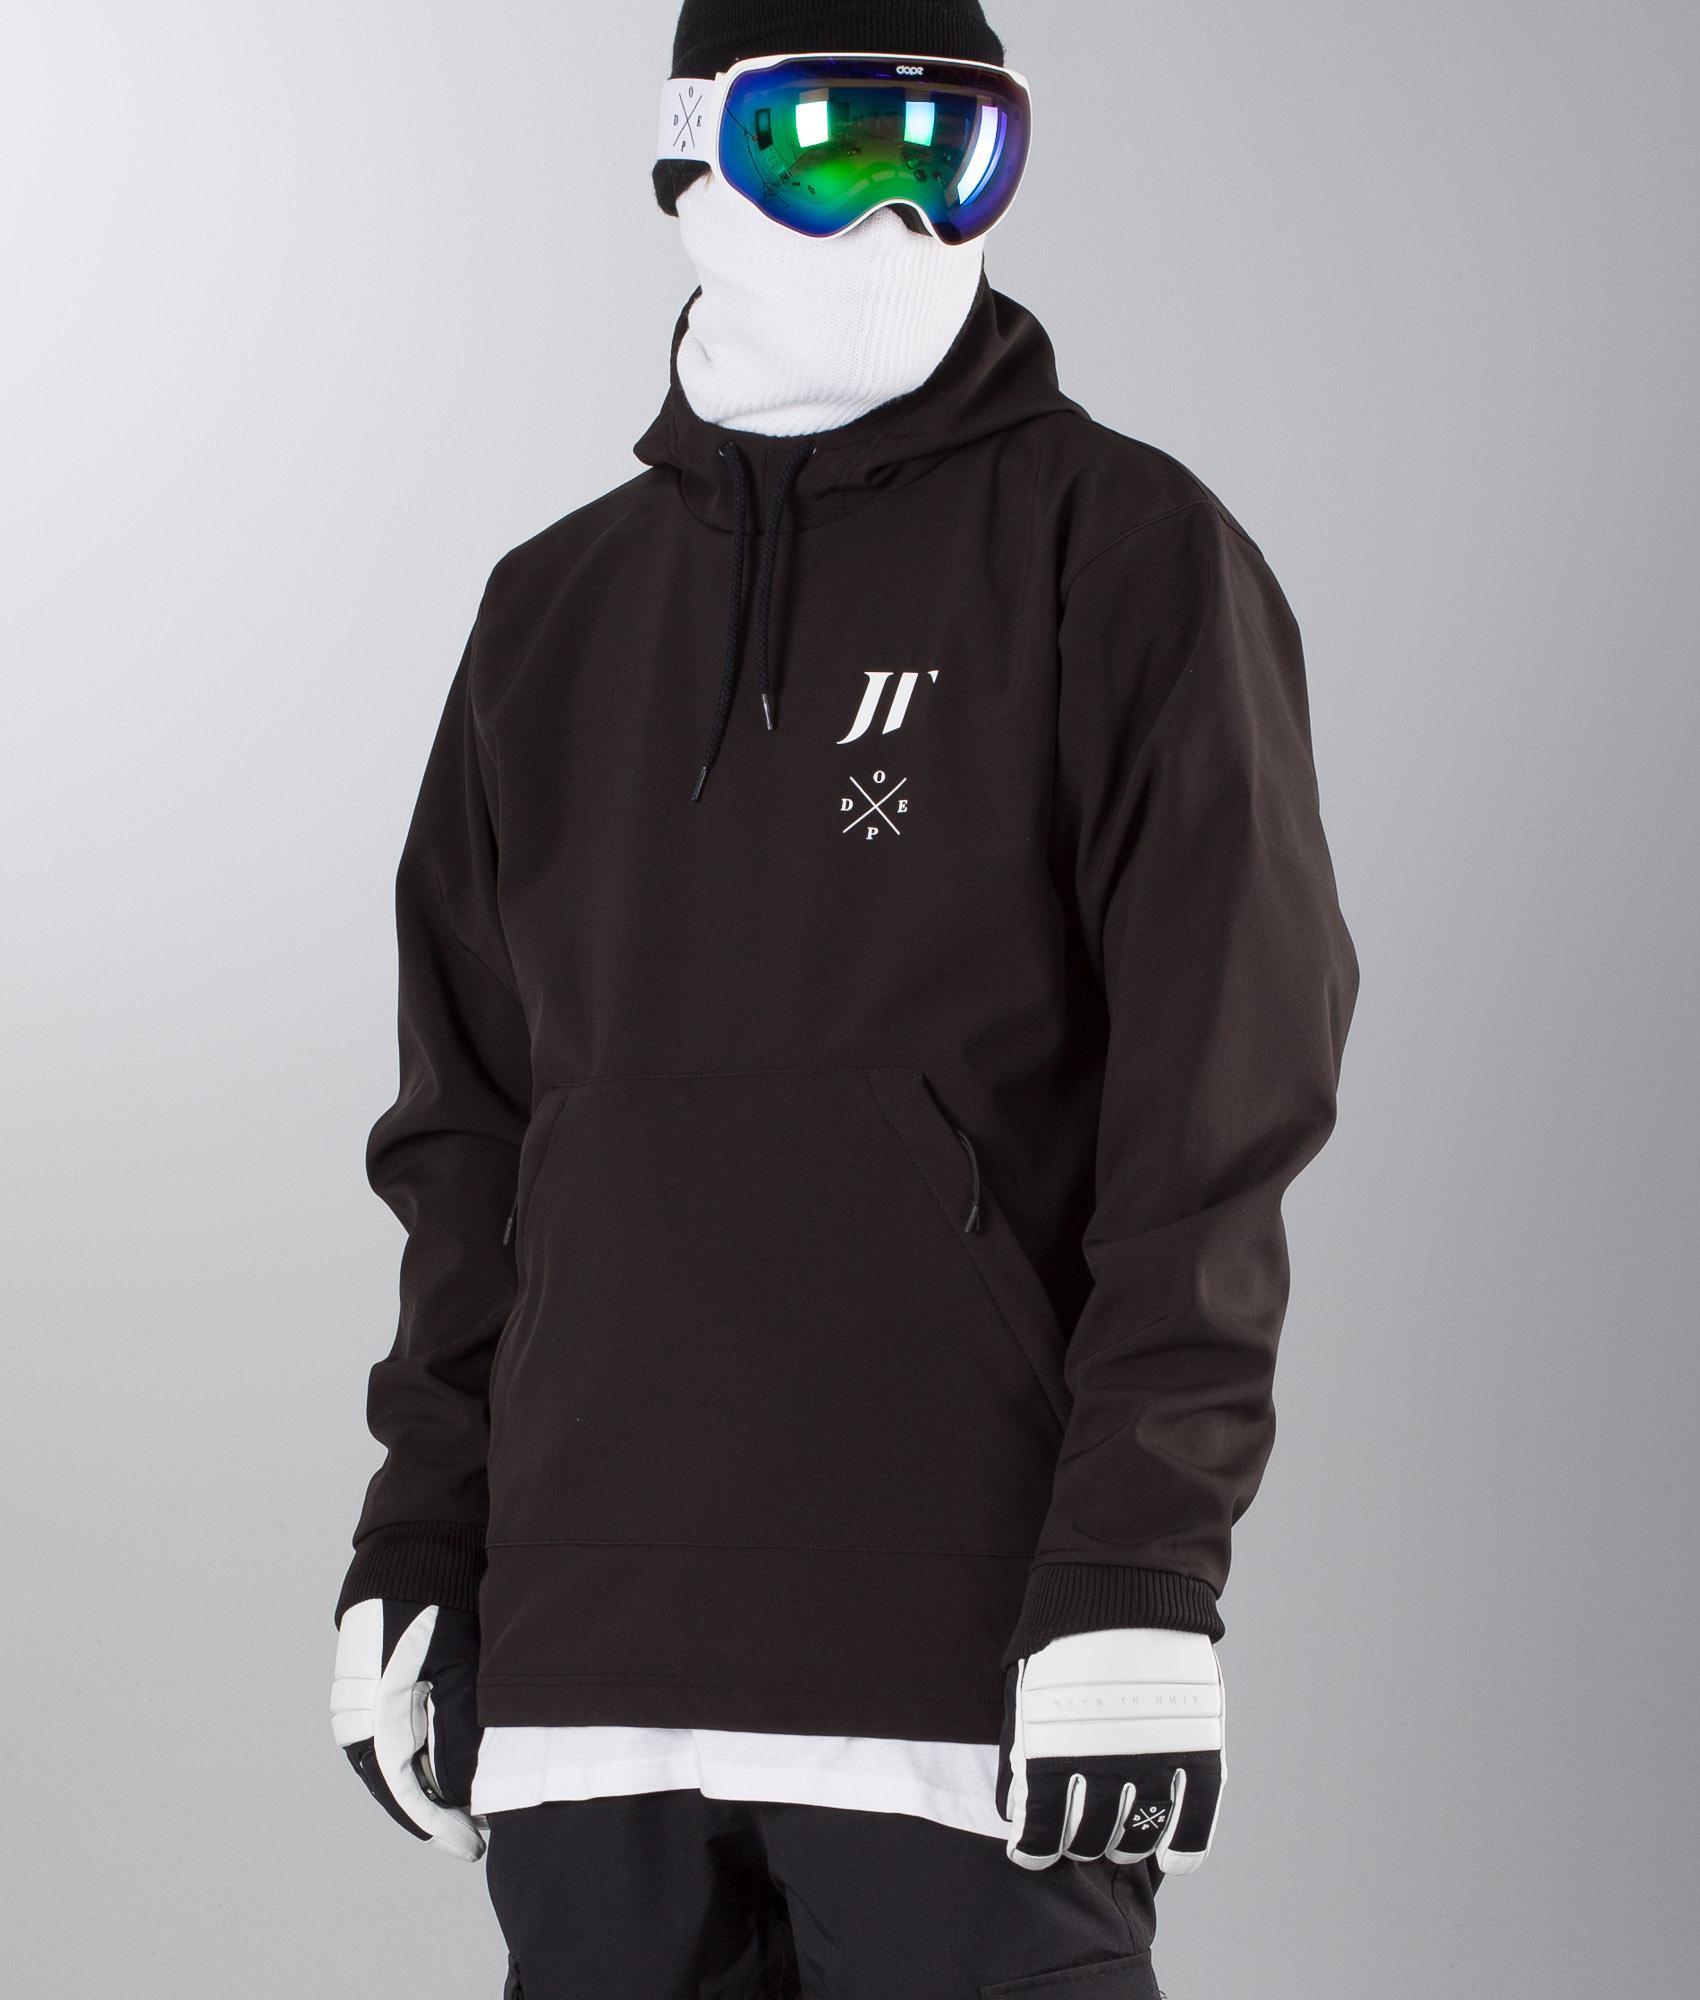 Homme De Ridestore Snow Snowboard Blousons Veste 4vRTOqx